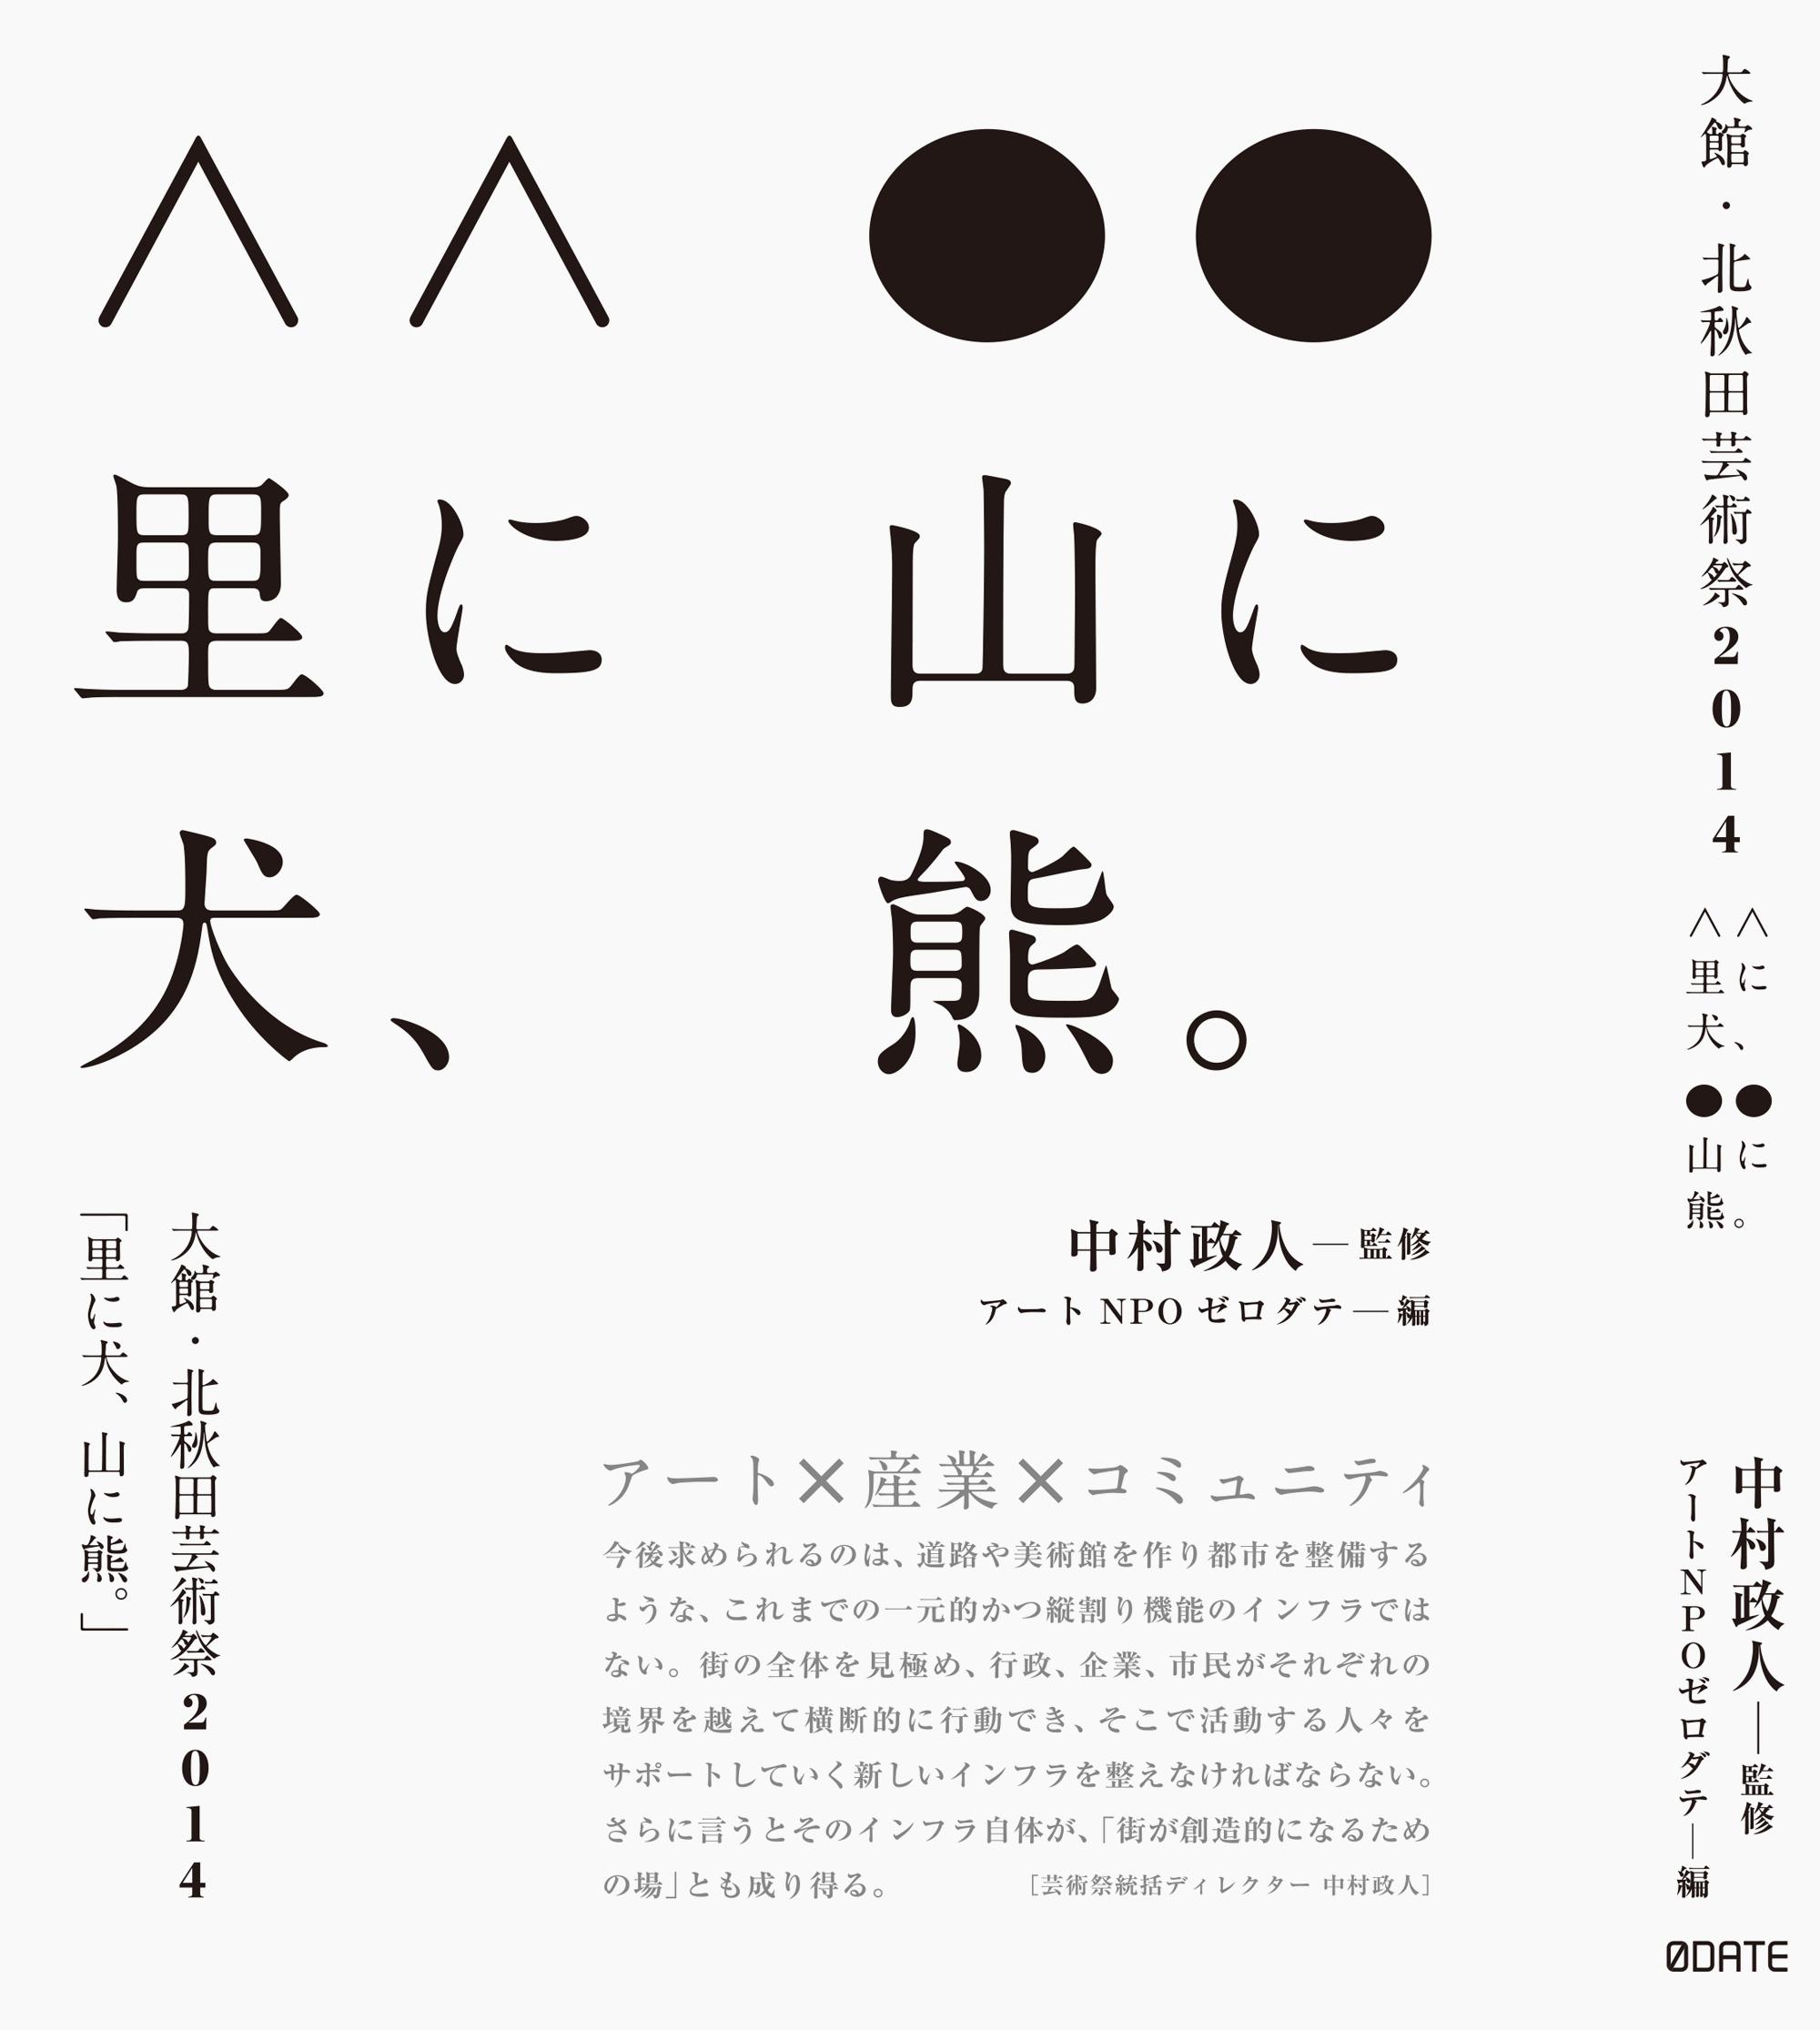 書籍「大館・北秋田芸術祭2014  里に犬、山に熊。」